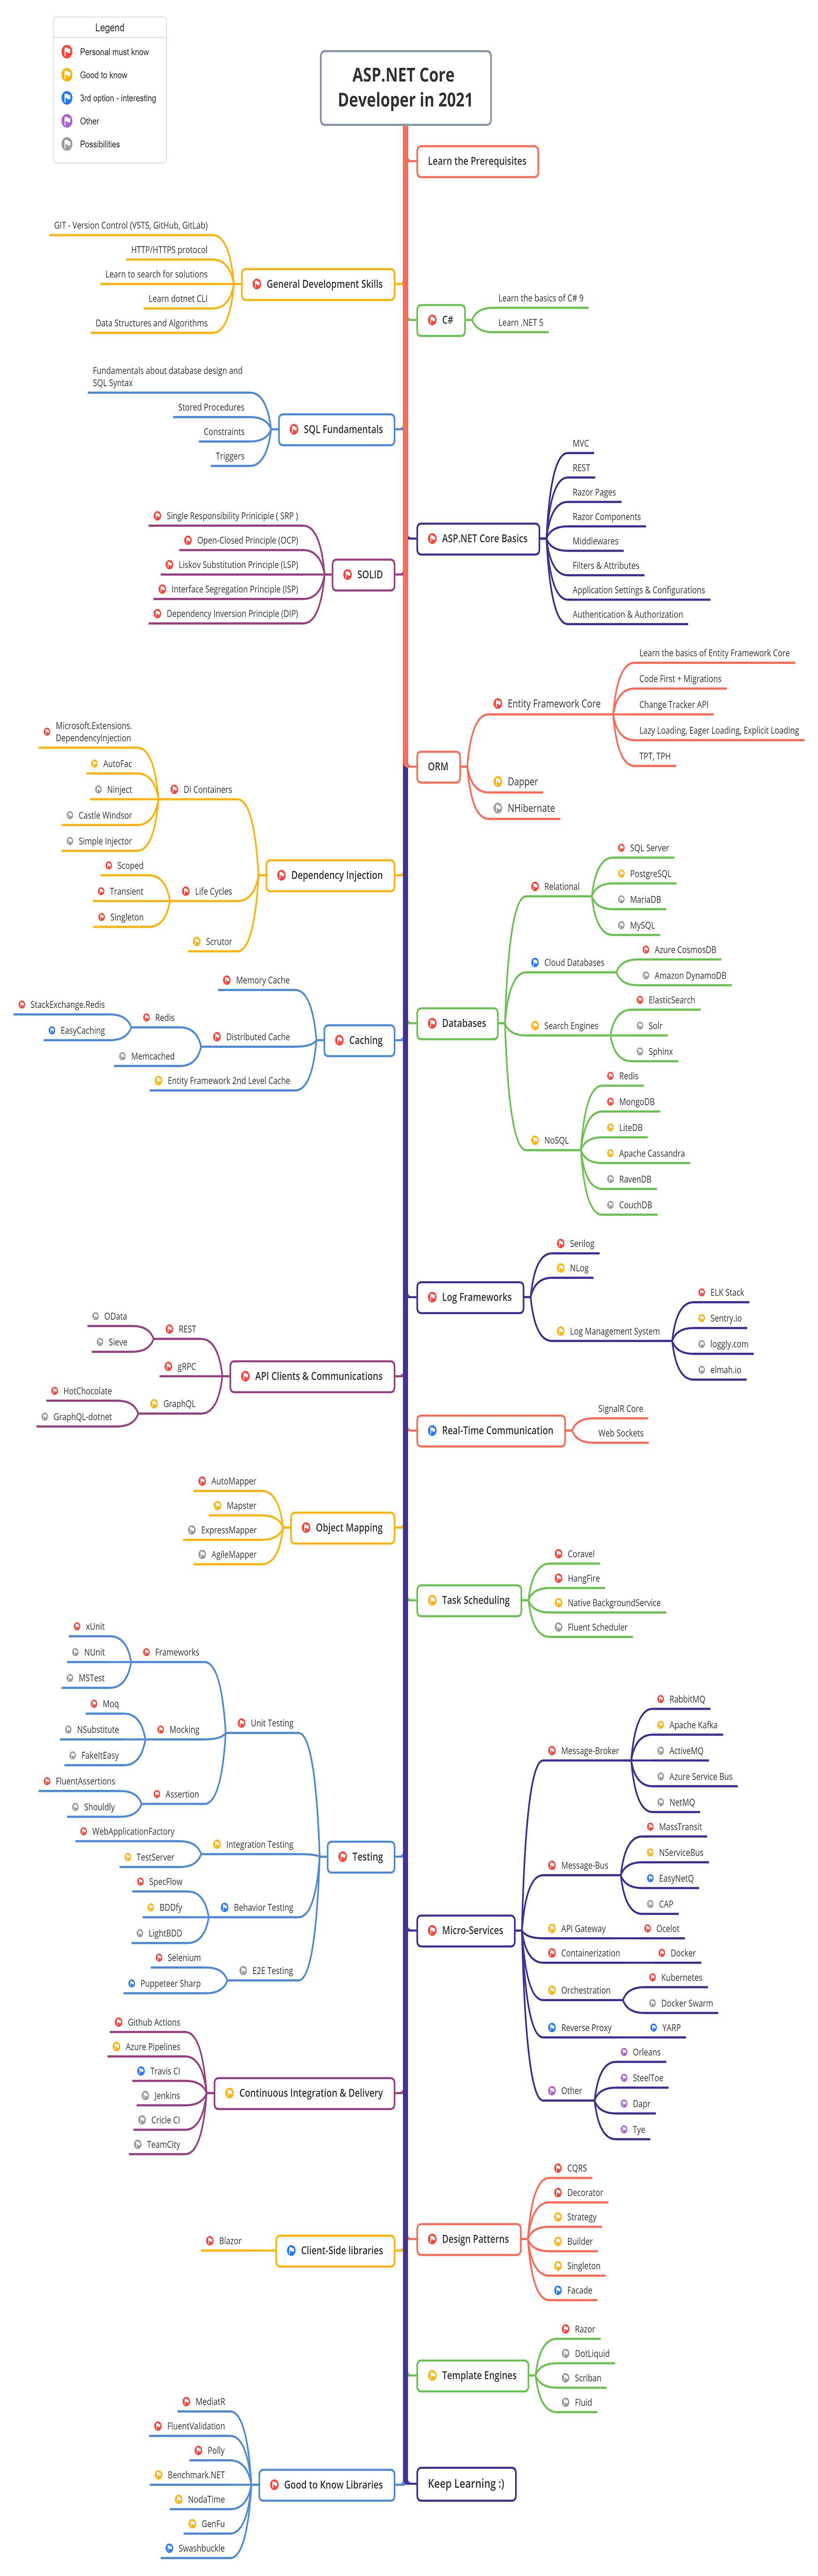 GitHub   MoienTajik/AspNetCore Developer Roadmap Roadmap to ...